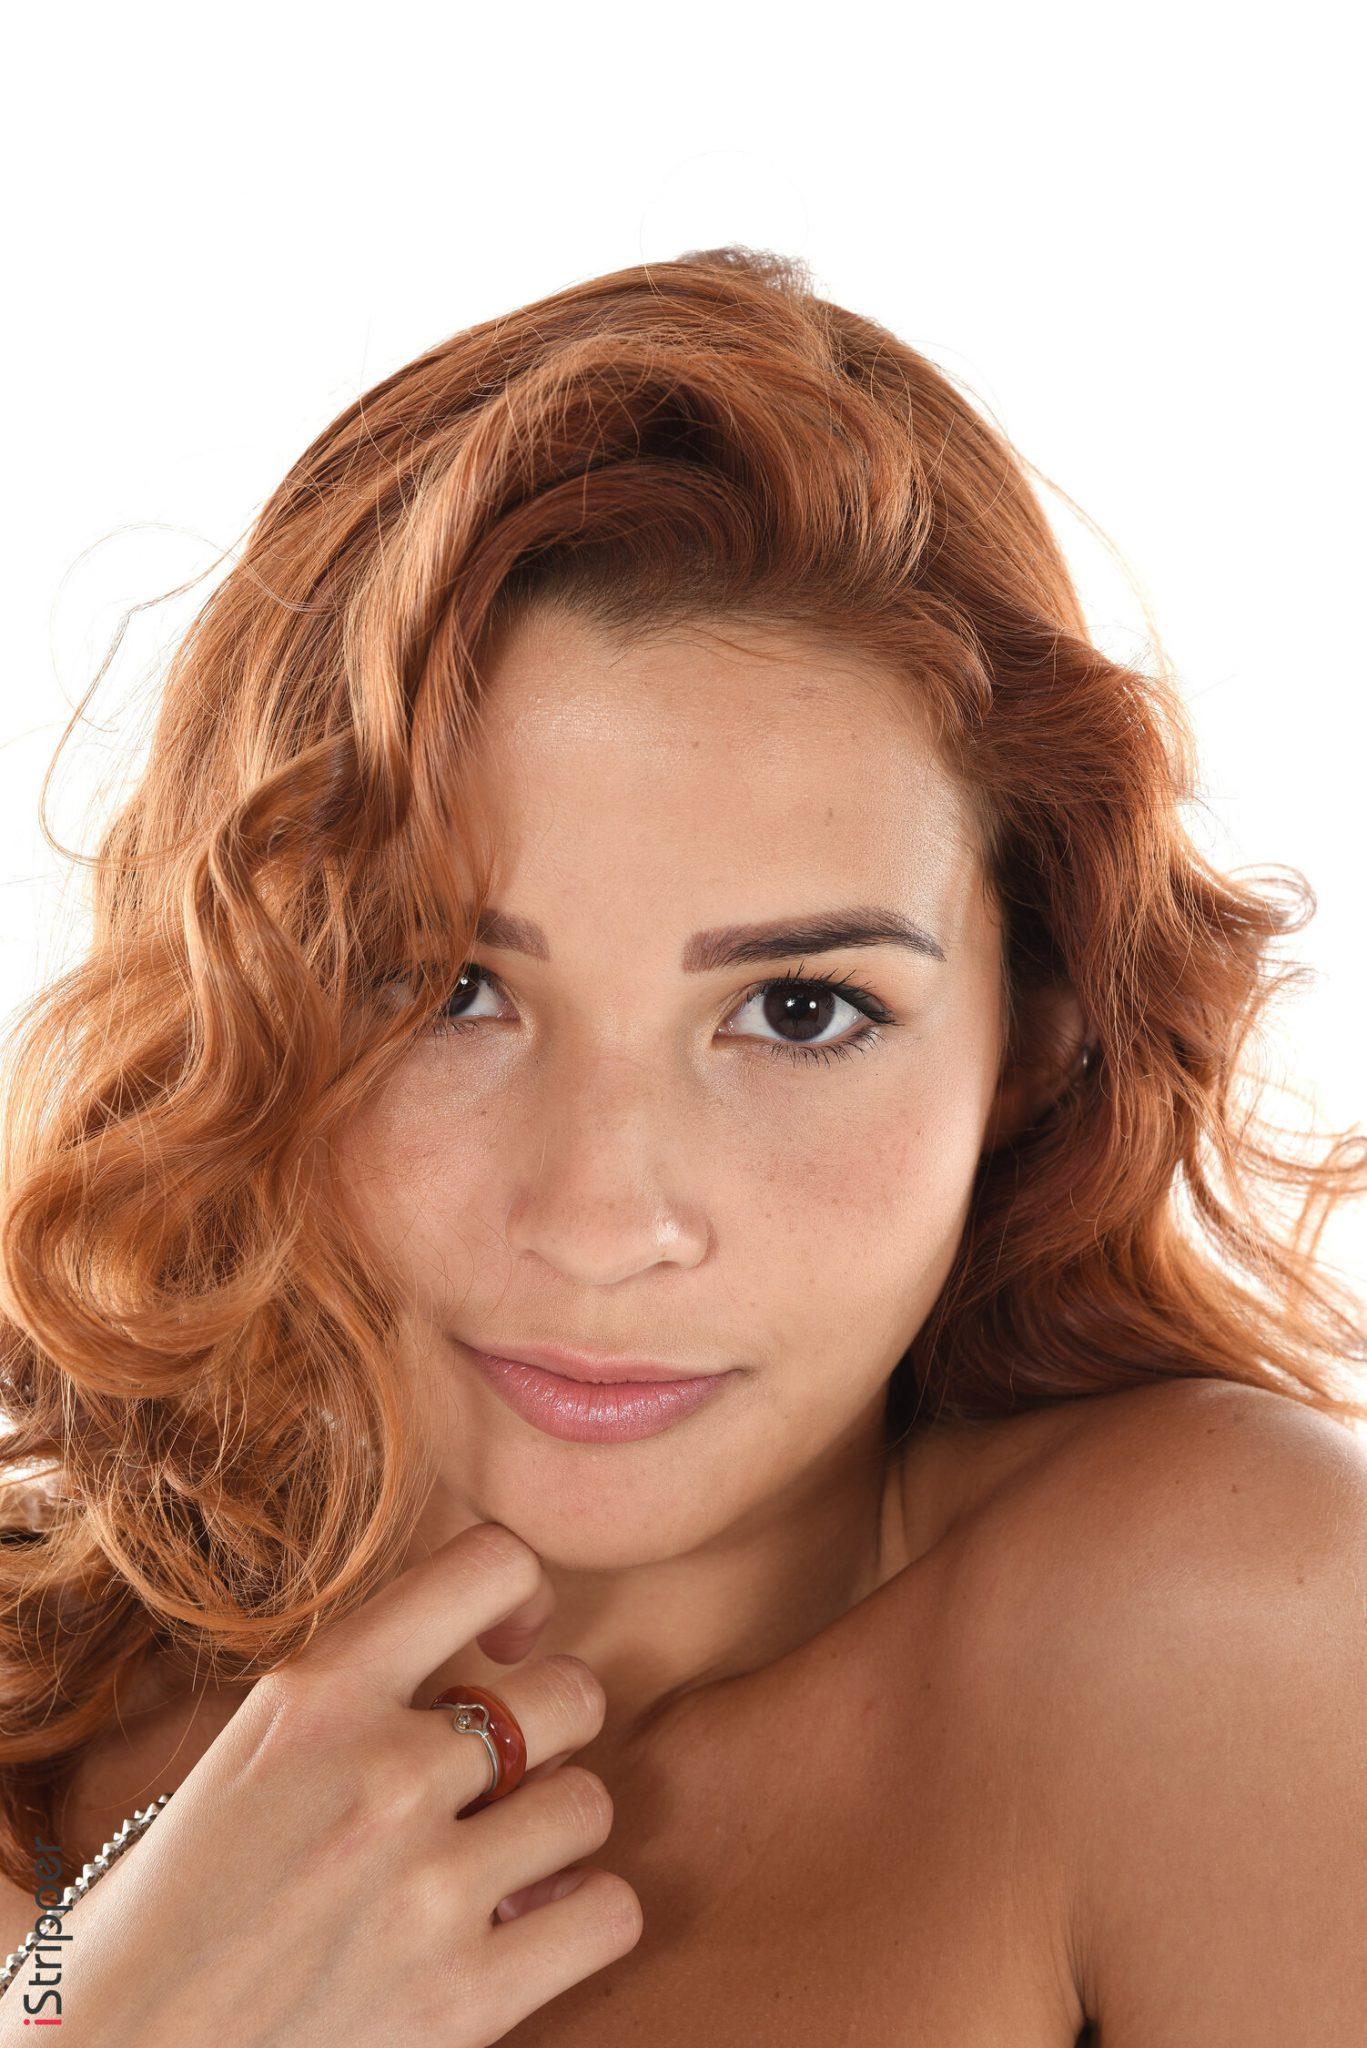 Fantastic Redhead Sexy Girl Stripping Pics Watch Agatha Vega 4